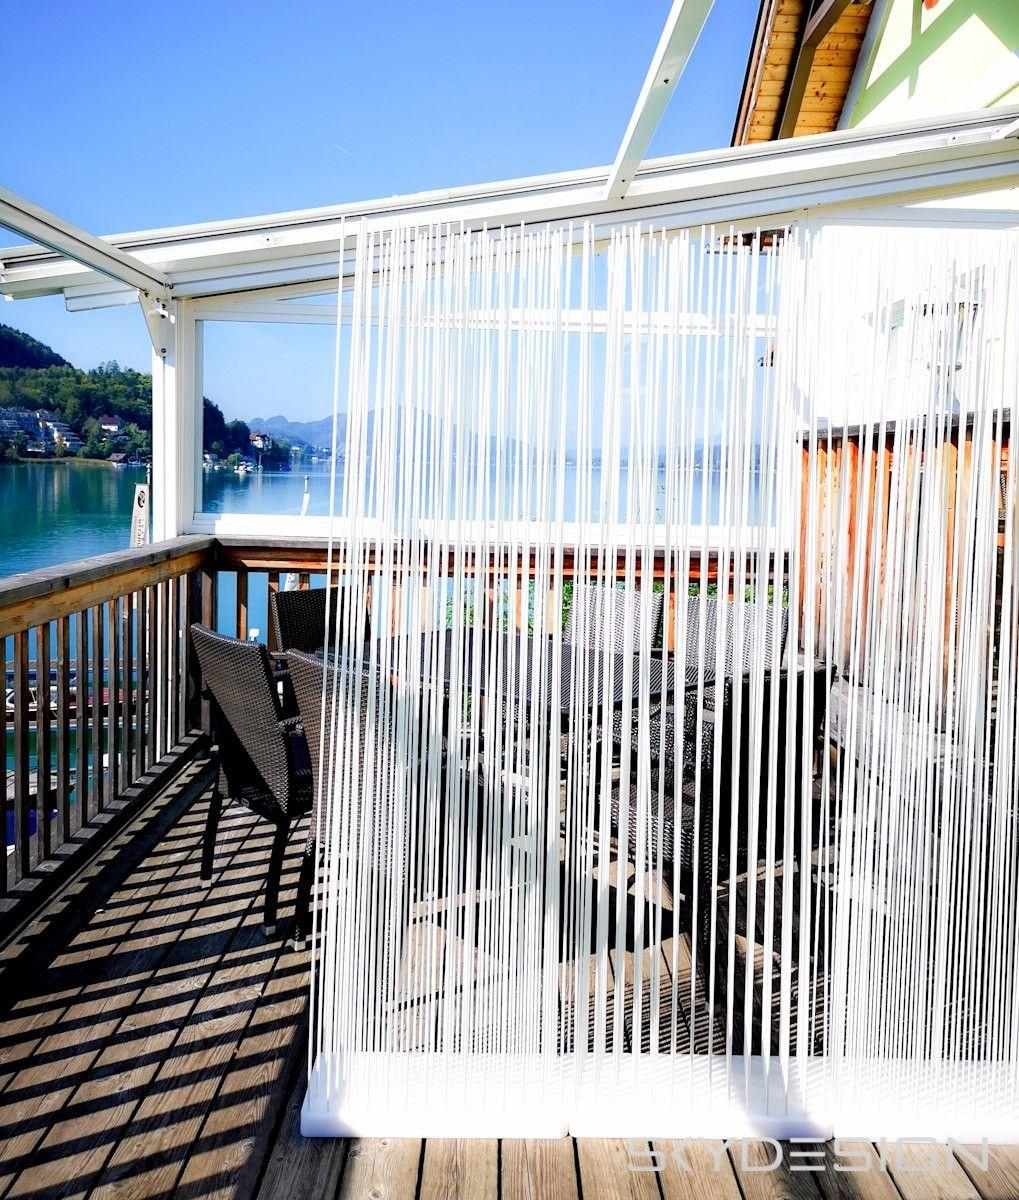 Terrassen Sichtschutz Sichtschutz ideen, Paravent